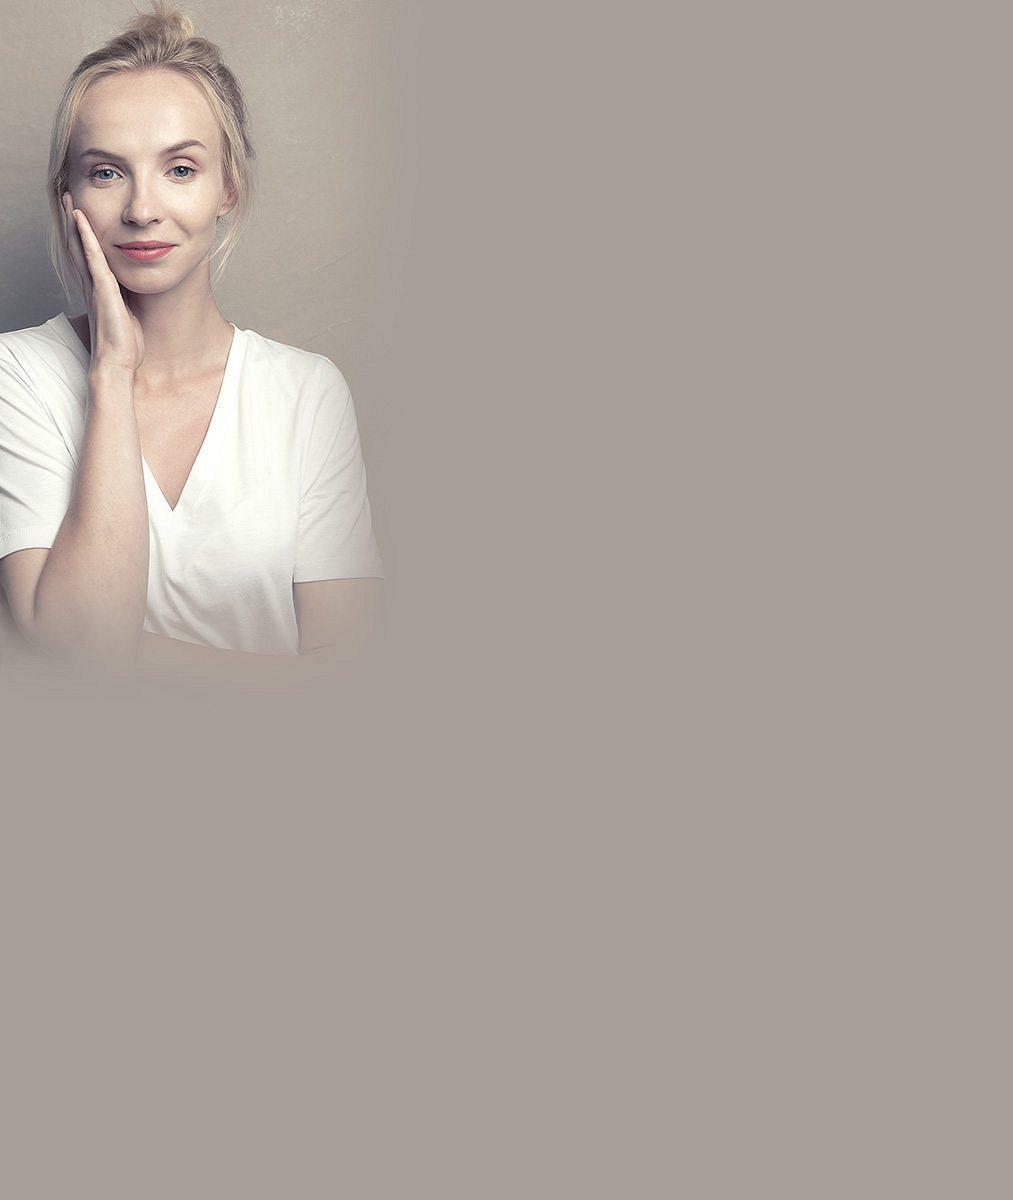 Plodková po proměně v Björk vypadá prý jako úplně jiná česká herečka. Co si o tom myslíte?